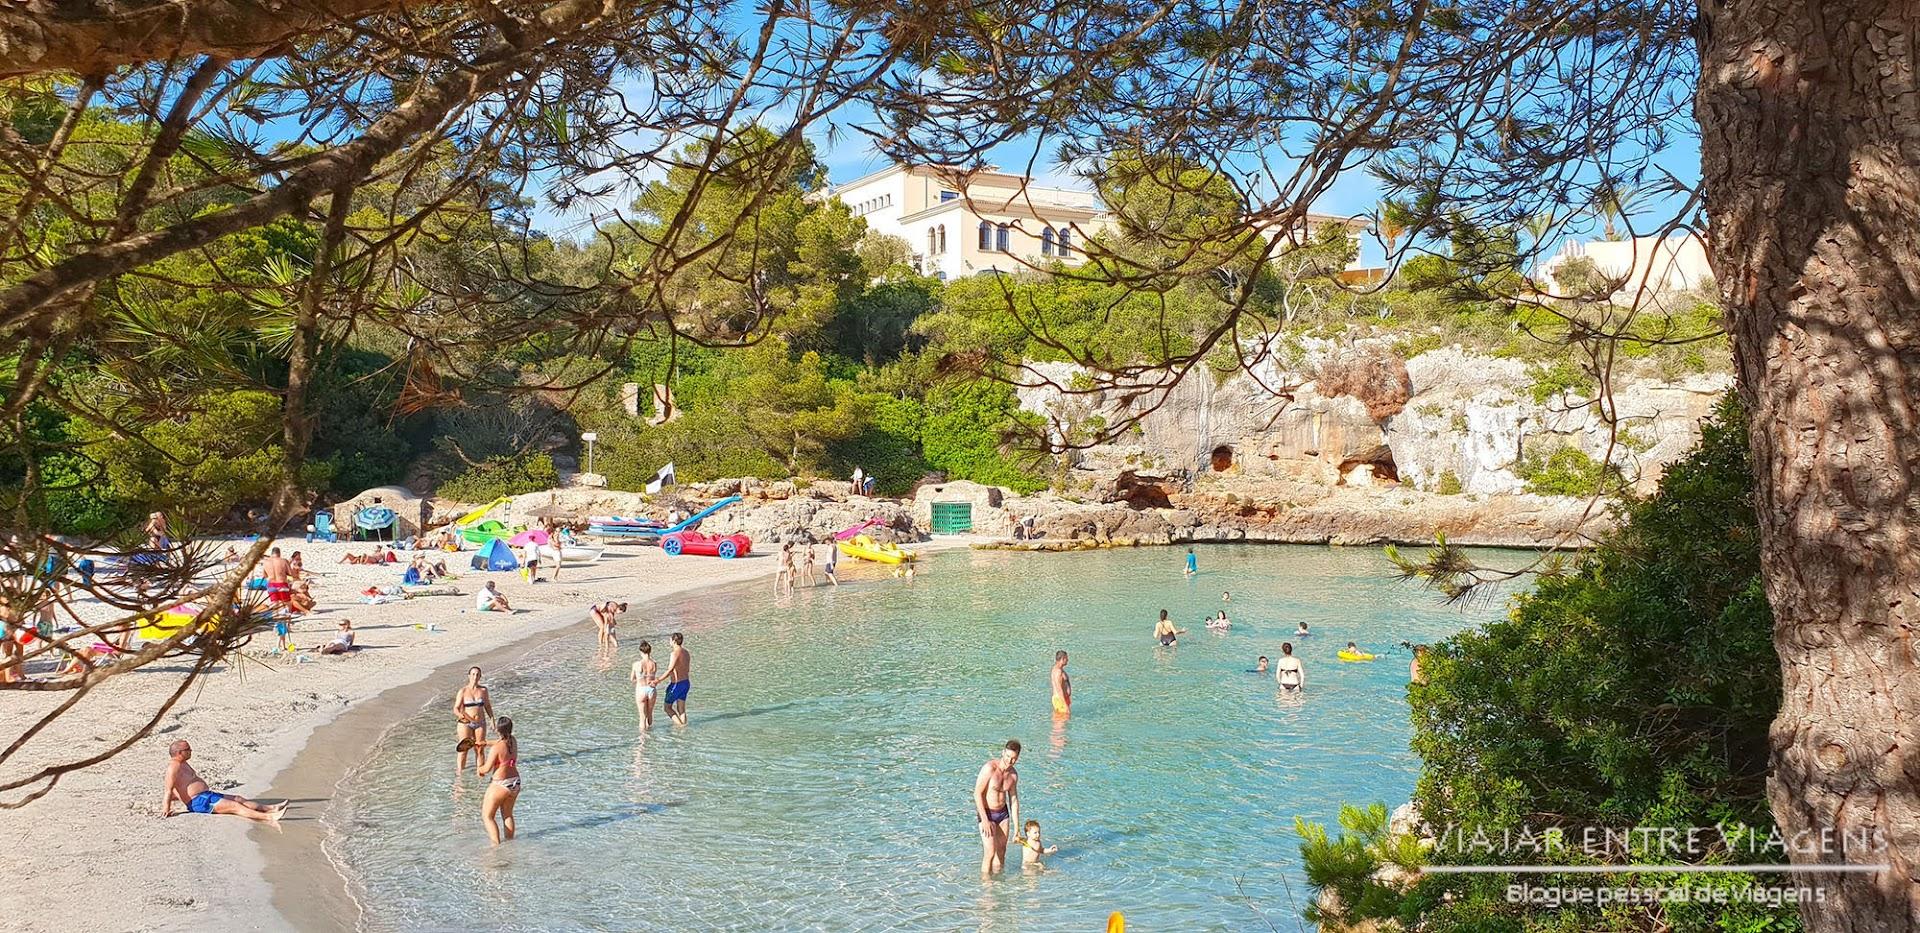 ILHAS BALEARES - Roteiro 10 dias a visitar Maiorca e Menorca